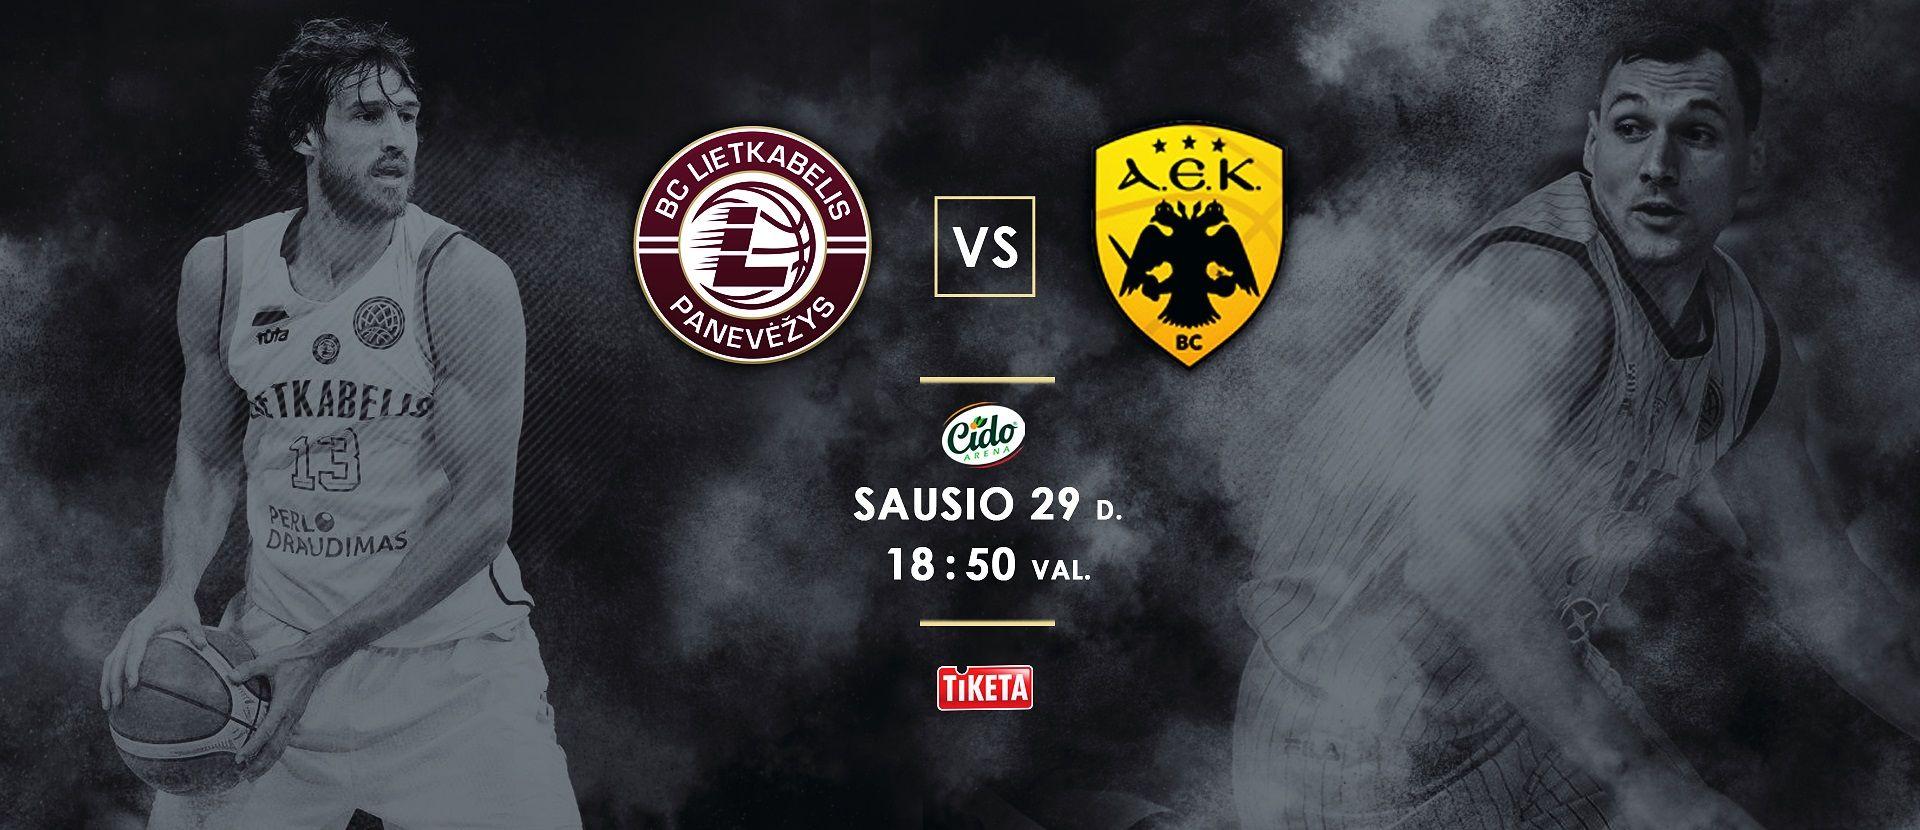 """Fiba čempionų lygos rungtynės: Panevėžio """"Lietkabelis"""" - AEK Athens"""